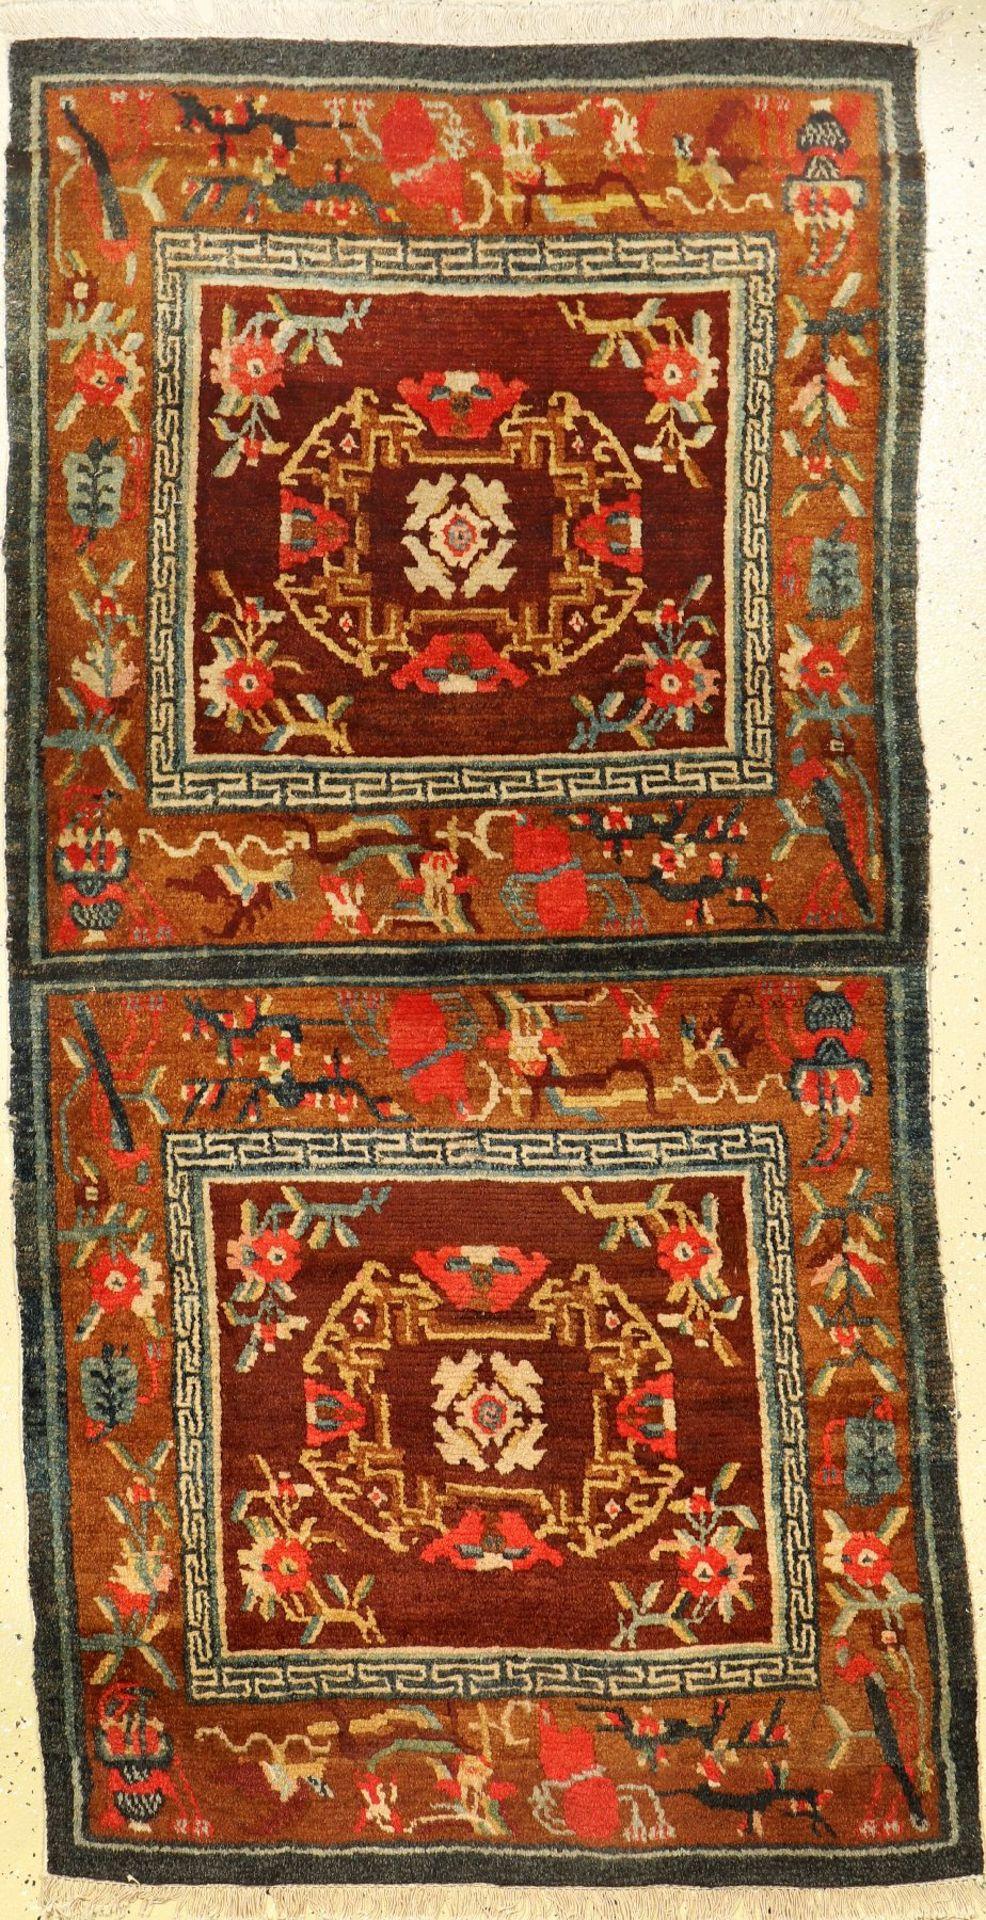 """Sitzbankteppich alt, Tibet, um 1920, Wolle auf Baumwolle, ca. 162 x 83 cm, EHZ: 2-3Tibetan """"Seat"""